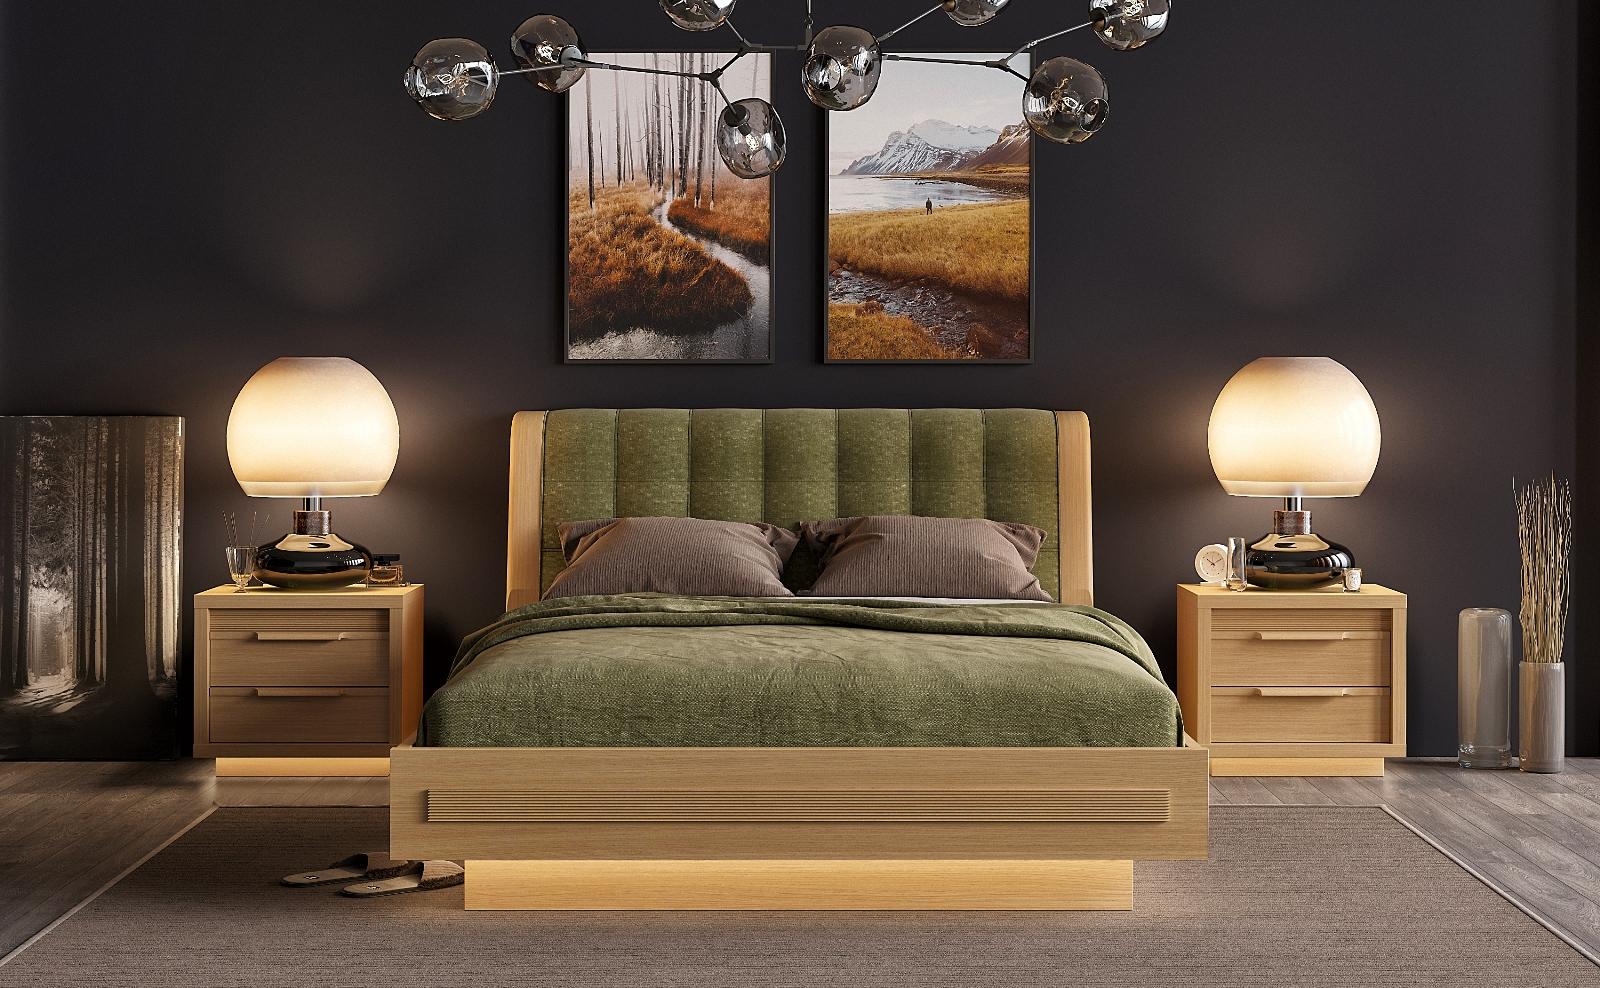 Bedroom_04-1